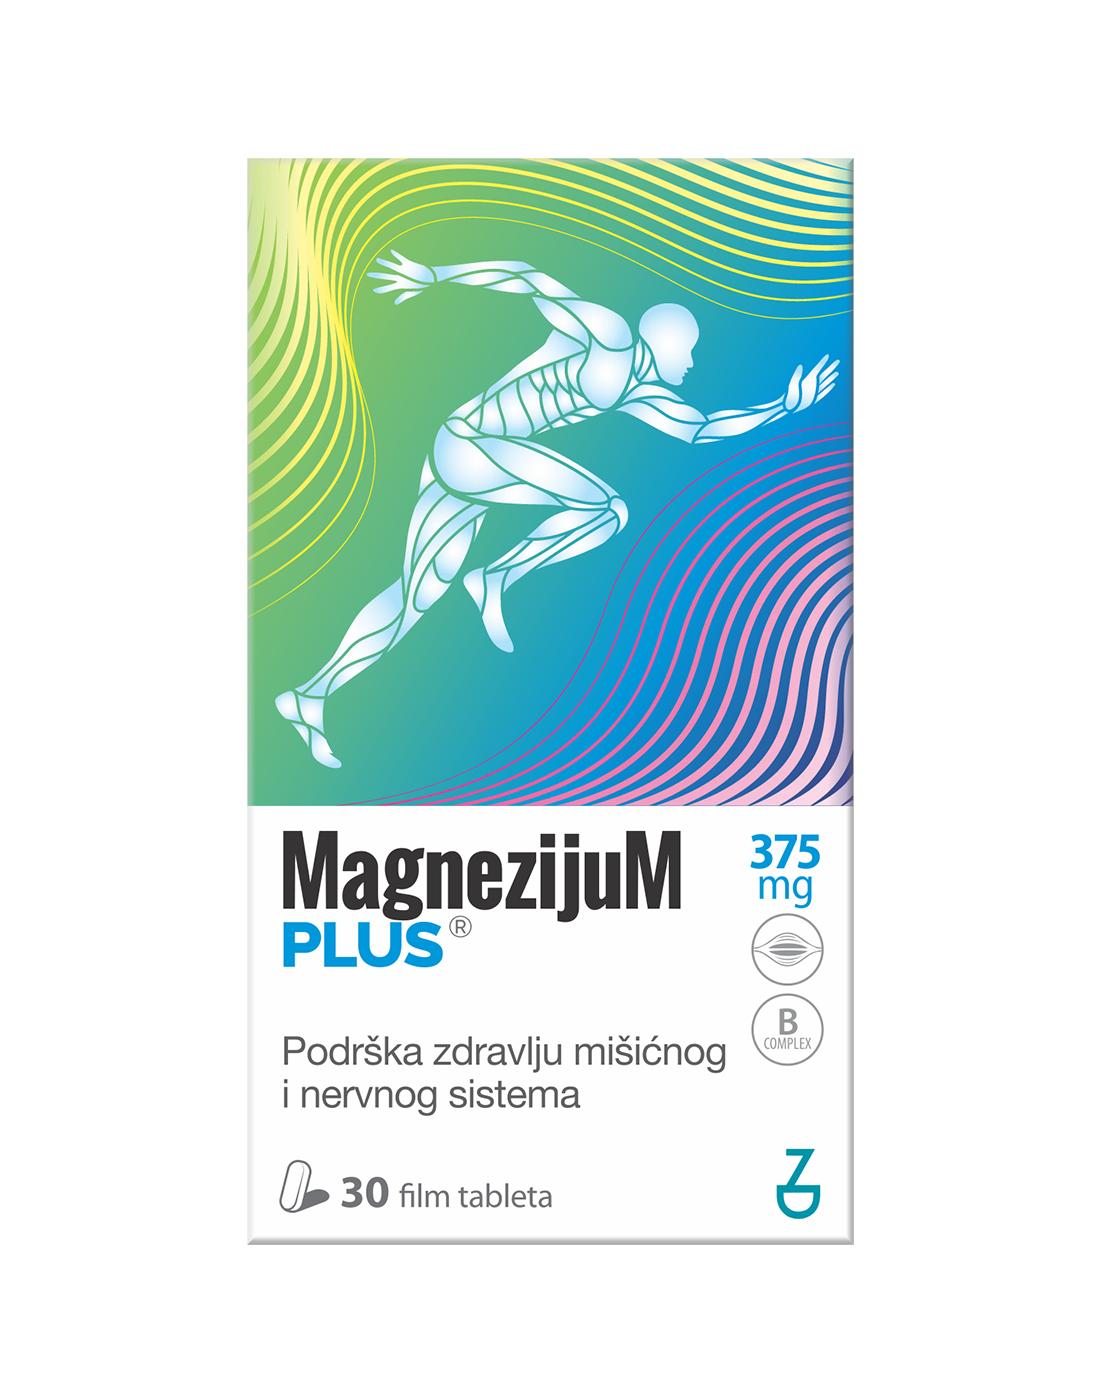 Magnezijum plus